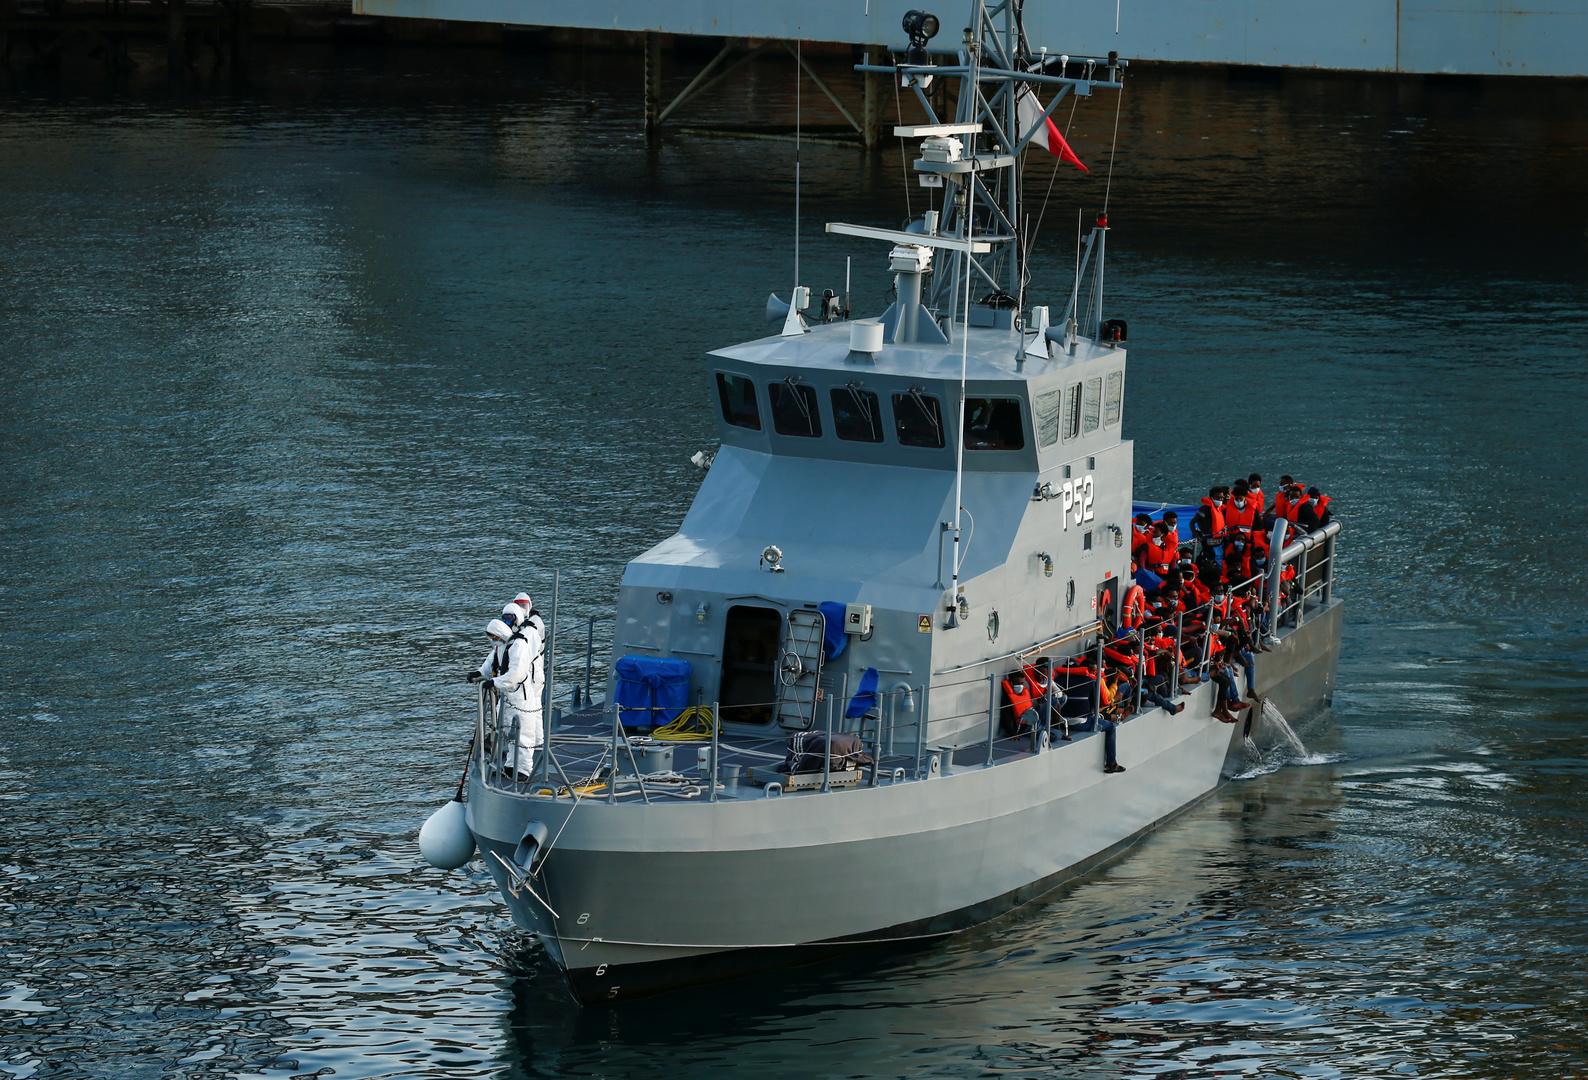 منظمة إنسانية: 100 مهاجر يطلبون المساعدة بالقرب من سواحل مالطا